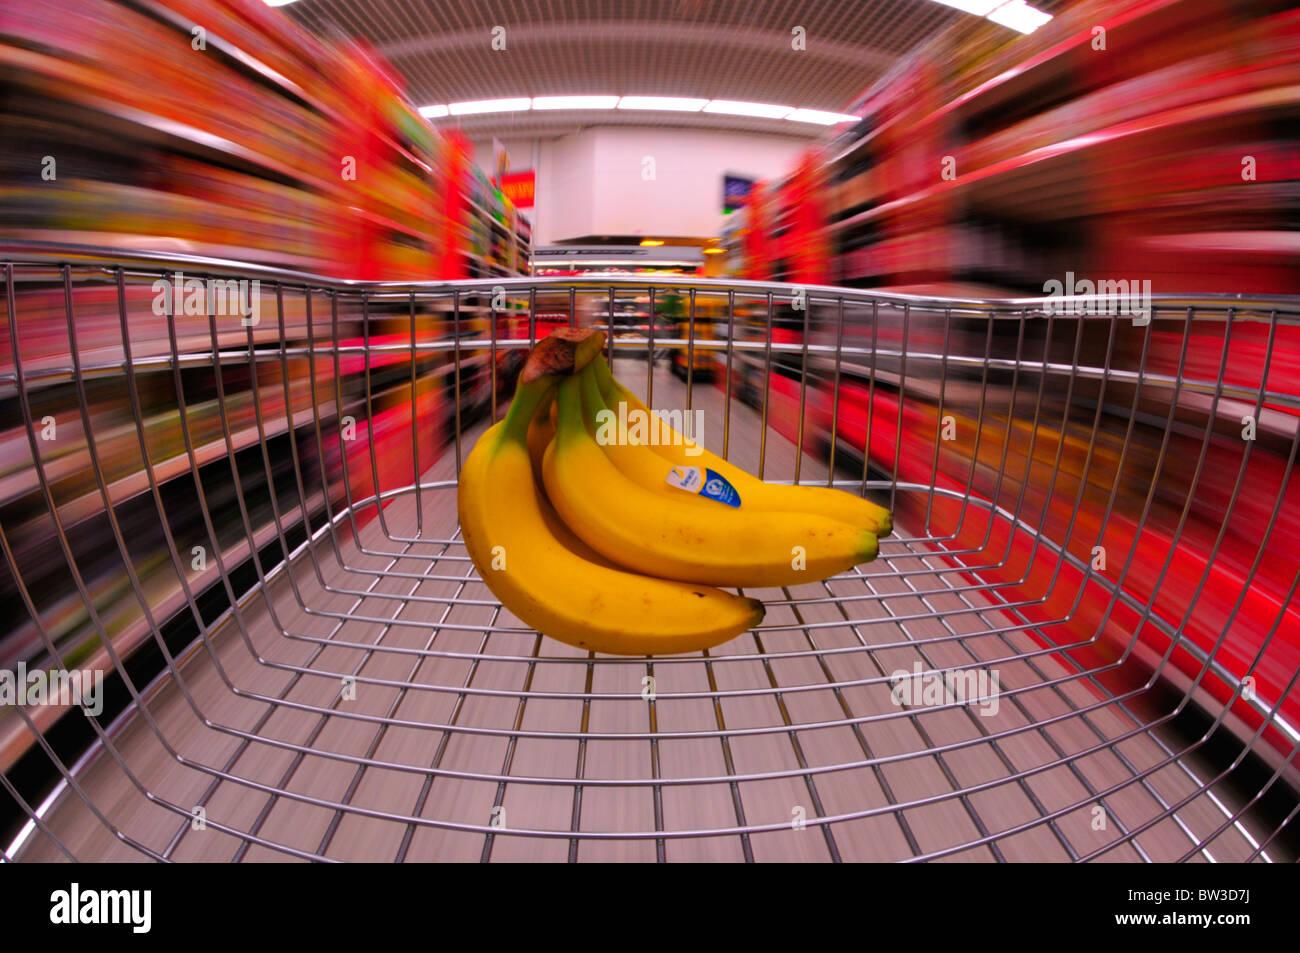 Le banane nel supermercato carrello carrello con motion blur prese con obiettivo fisheye Immagini Stock